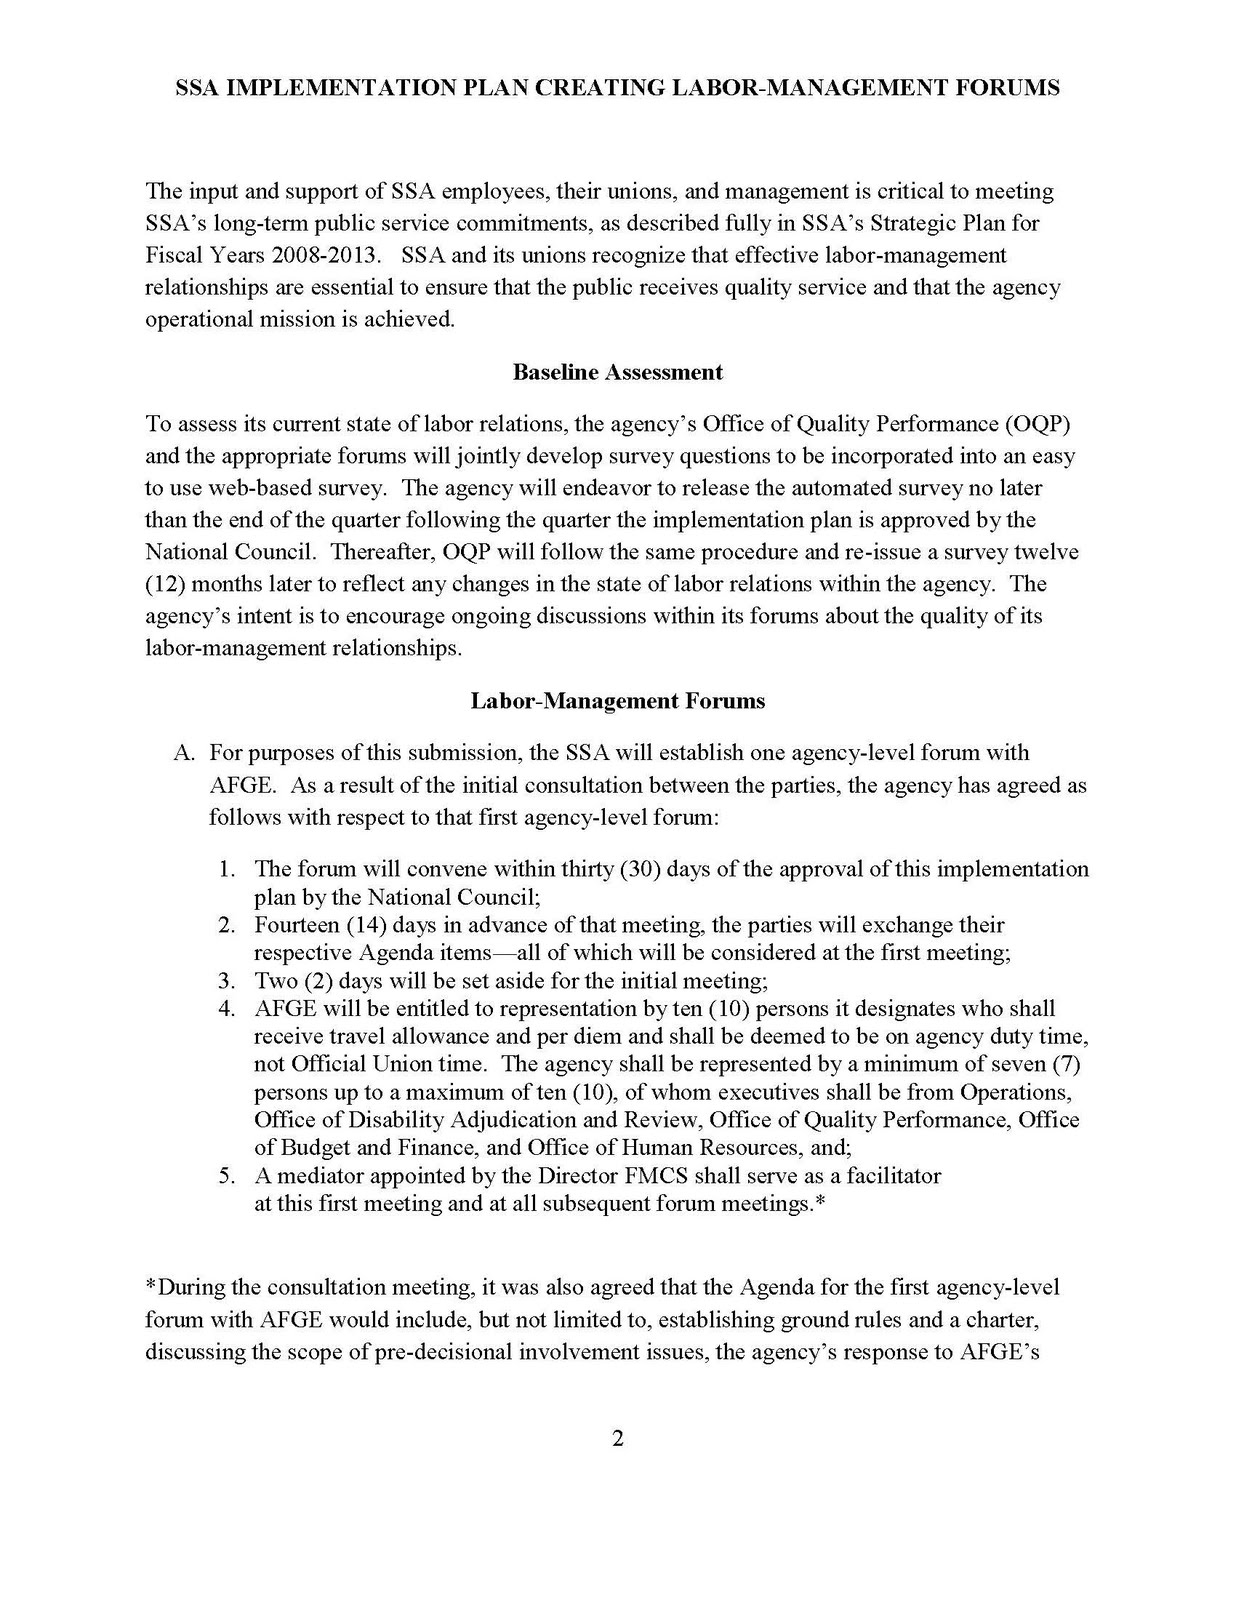 Social Security News: Labor-Management Councils